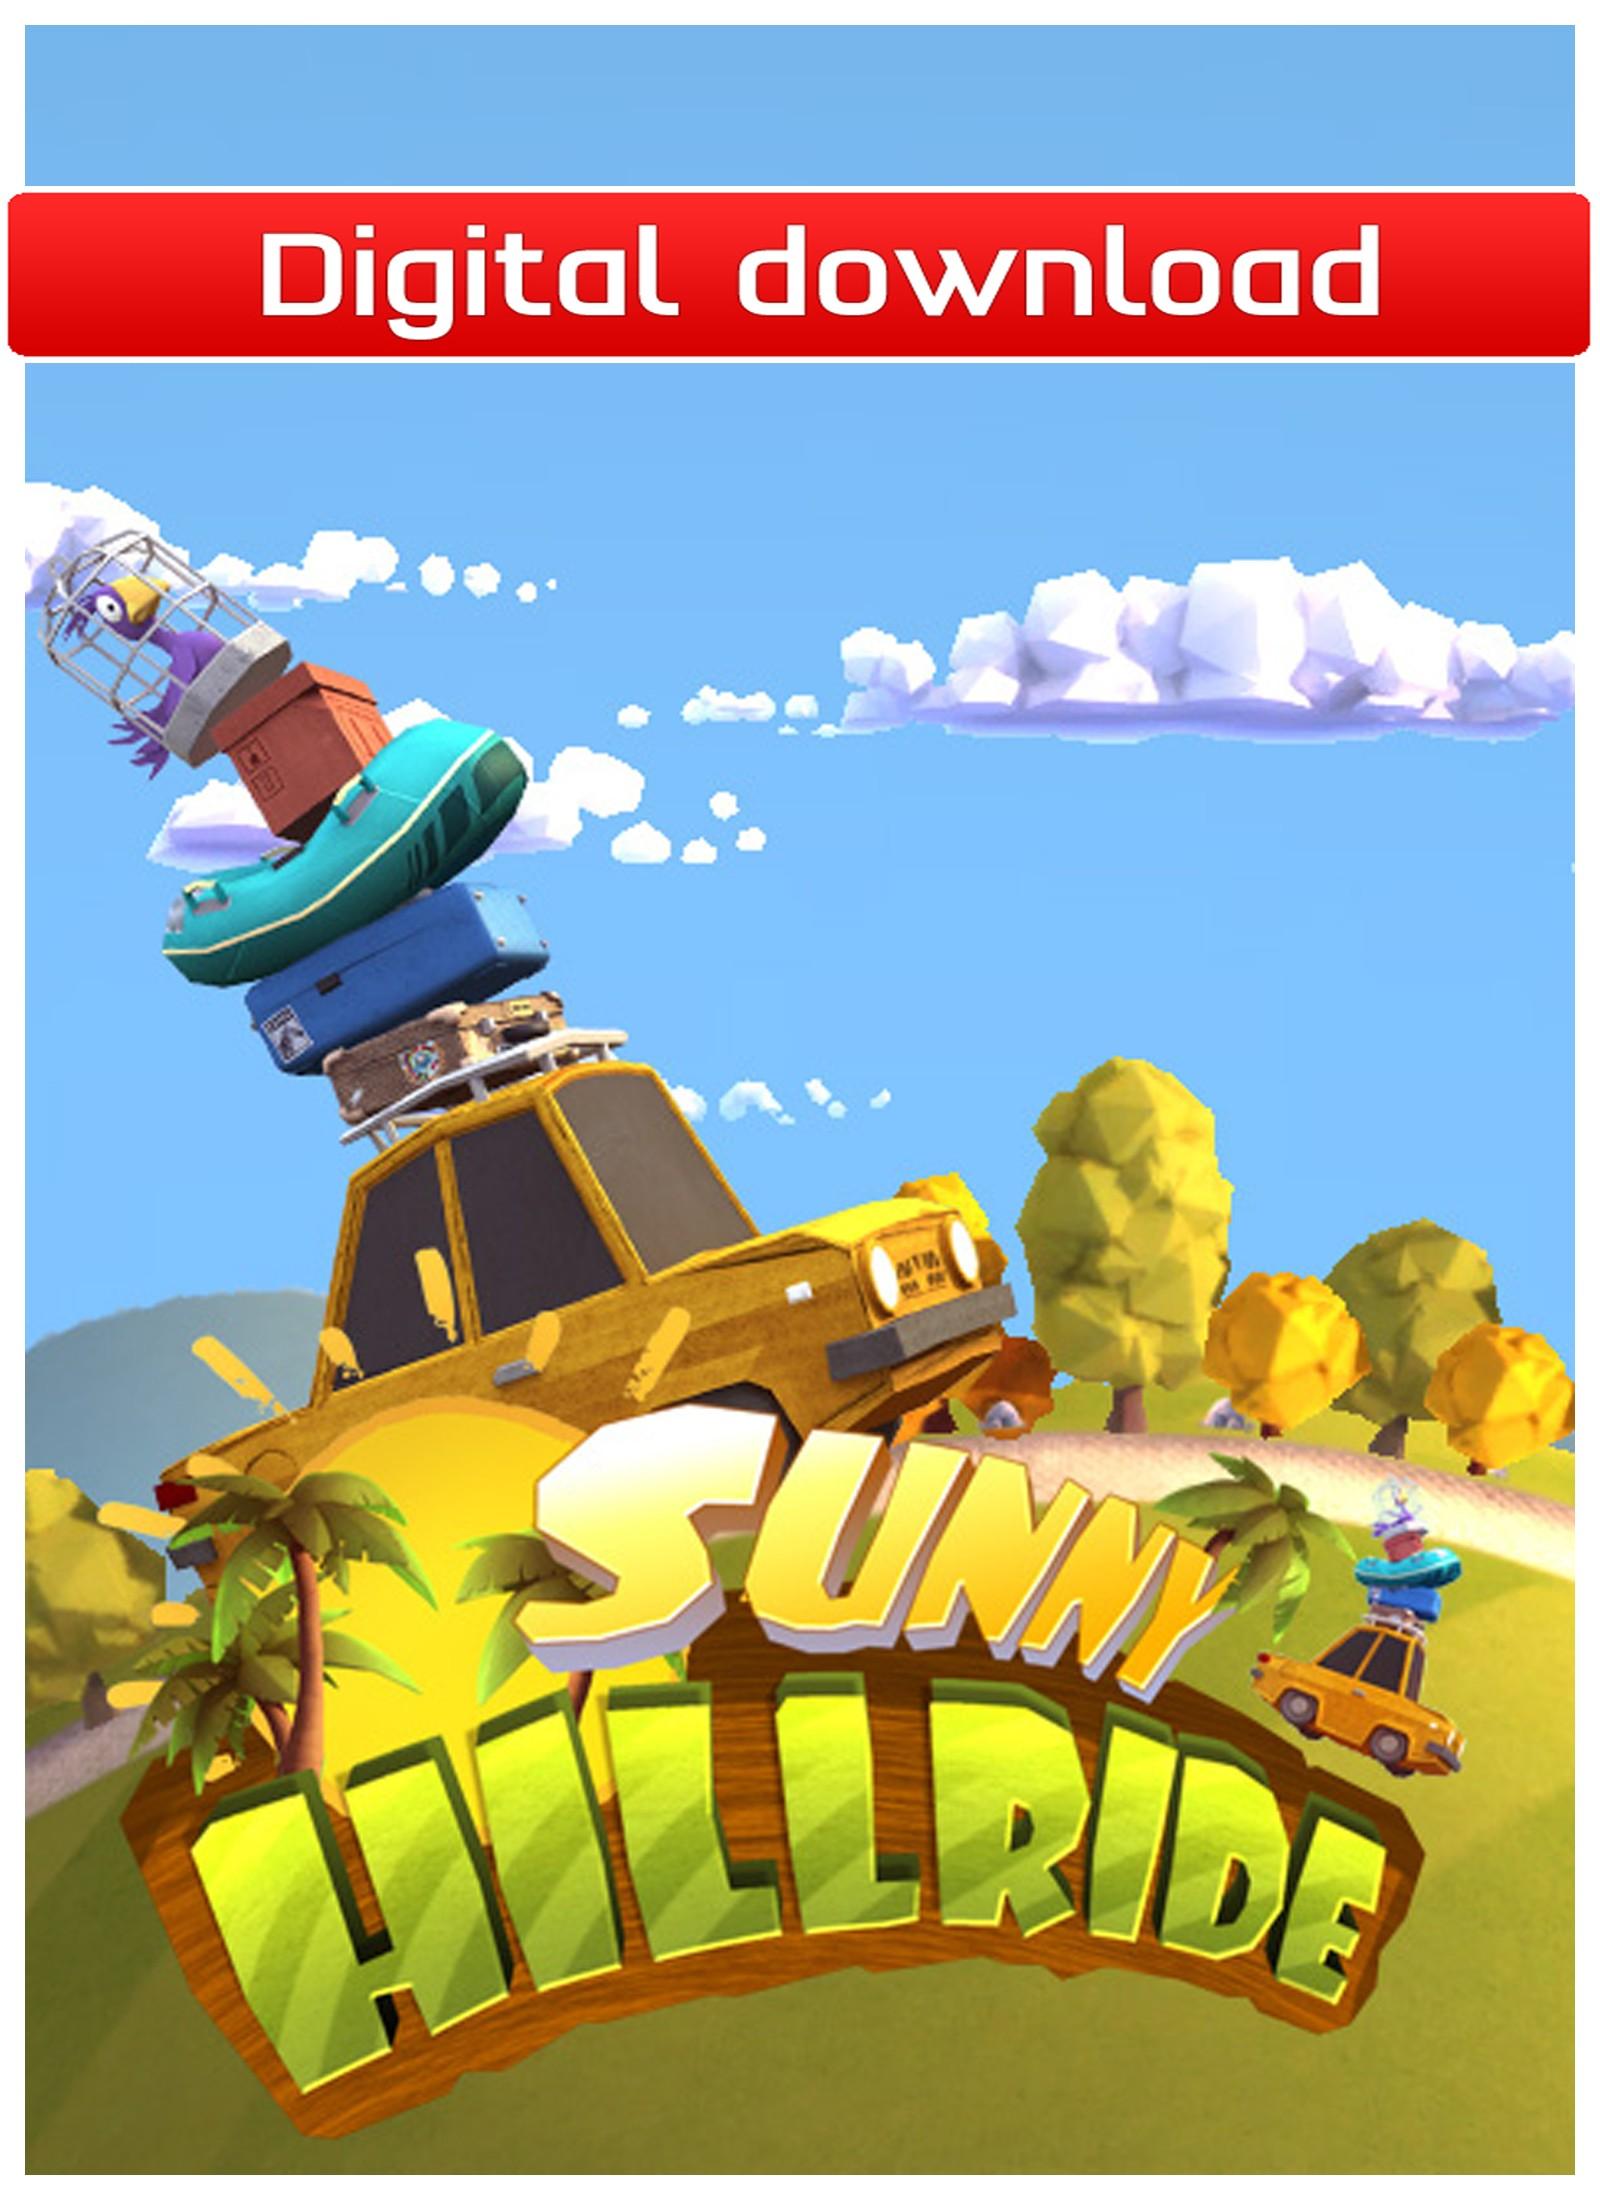 Sunny Hillride (PC nedlastning) PCDD32541